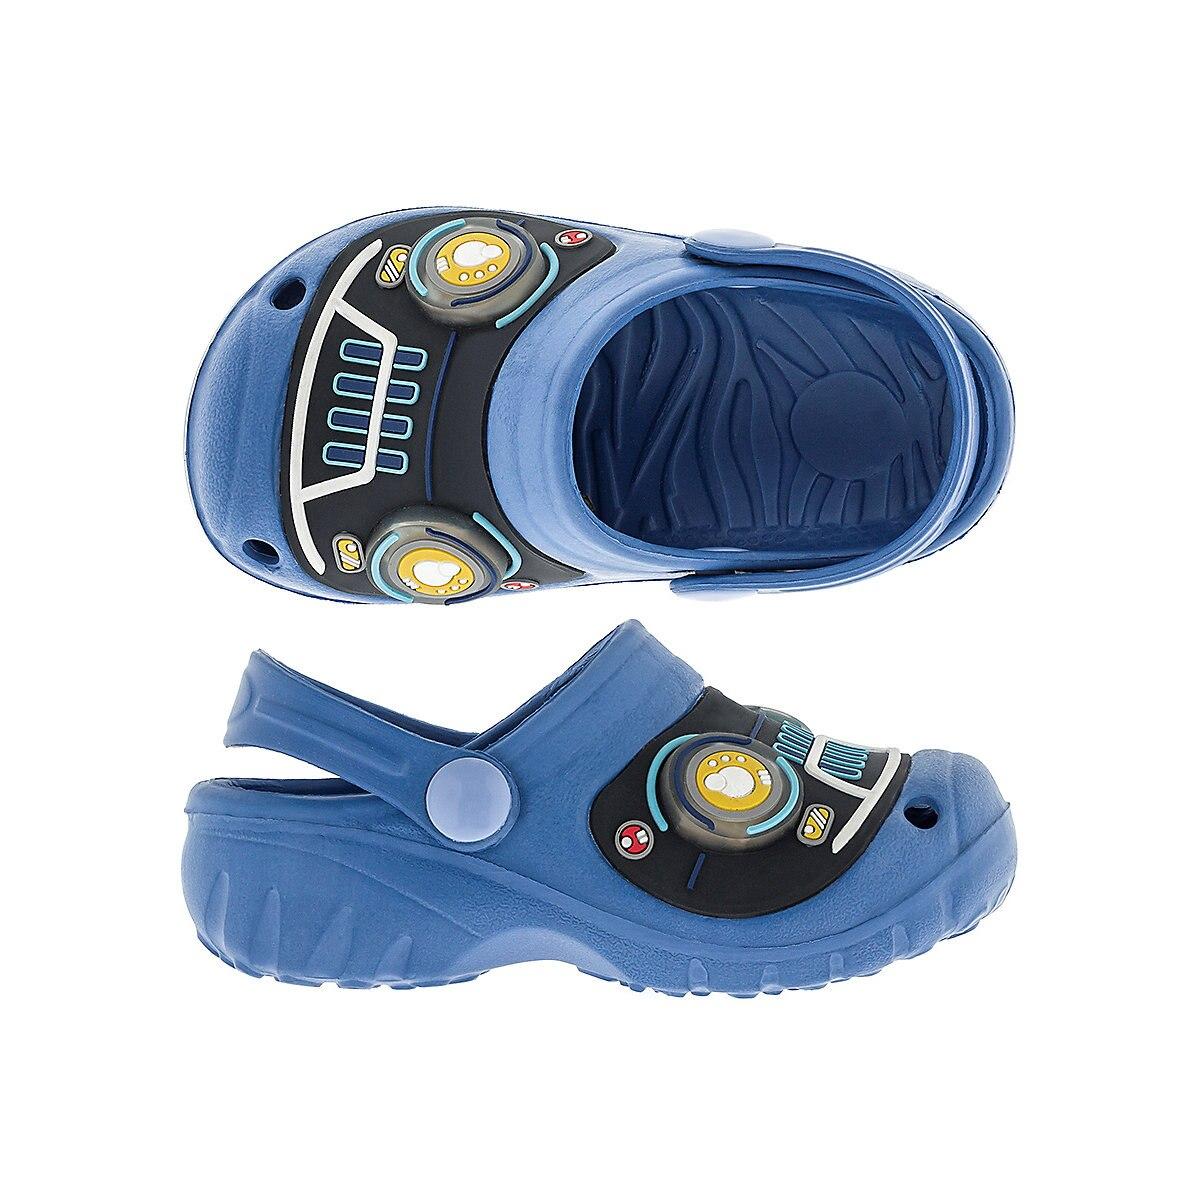 Sandalias KAKADU 10696135 zuecos cómodos y ligeros zapatos para niños niñas y niños